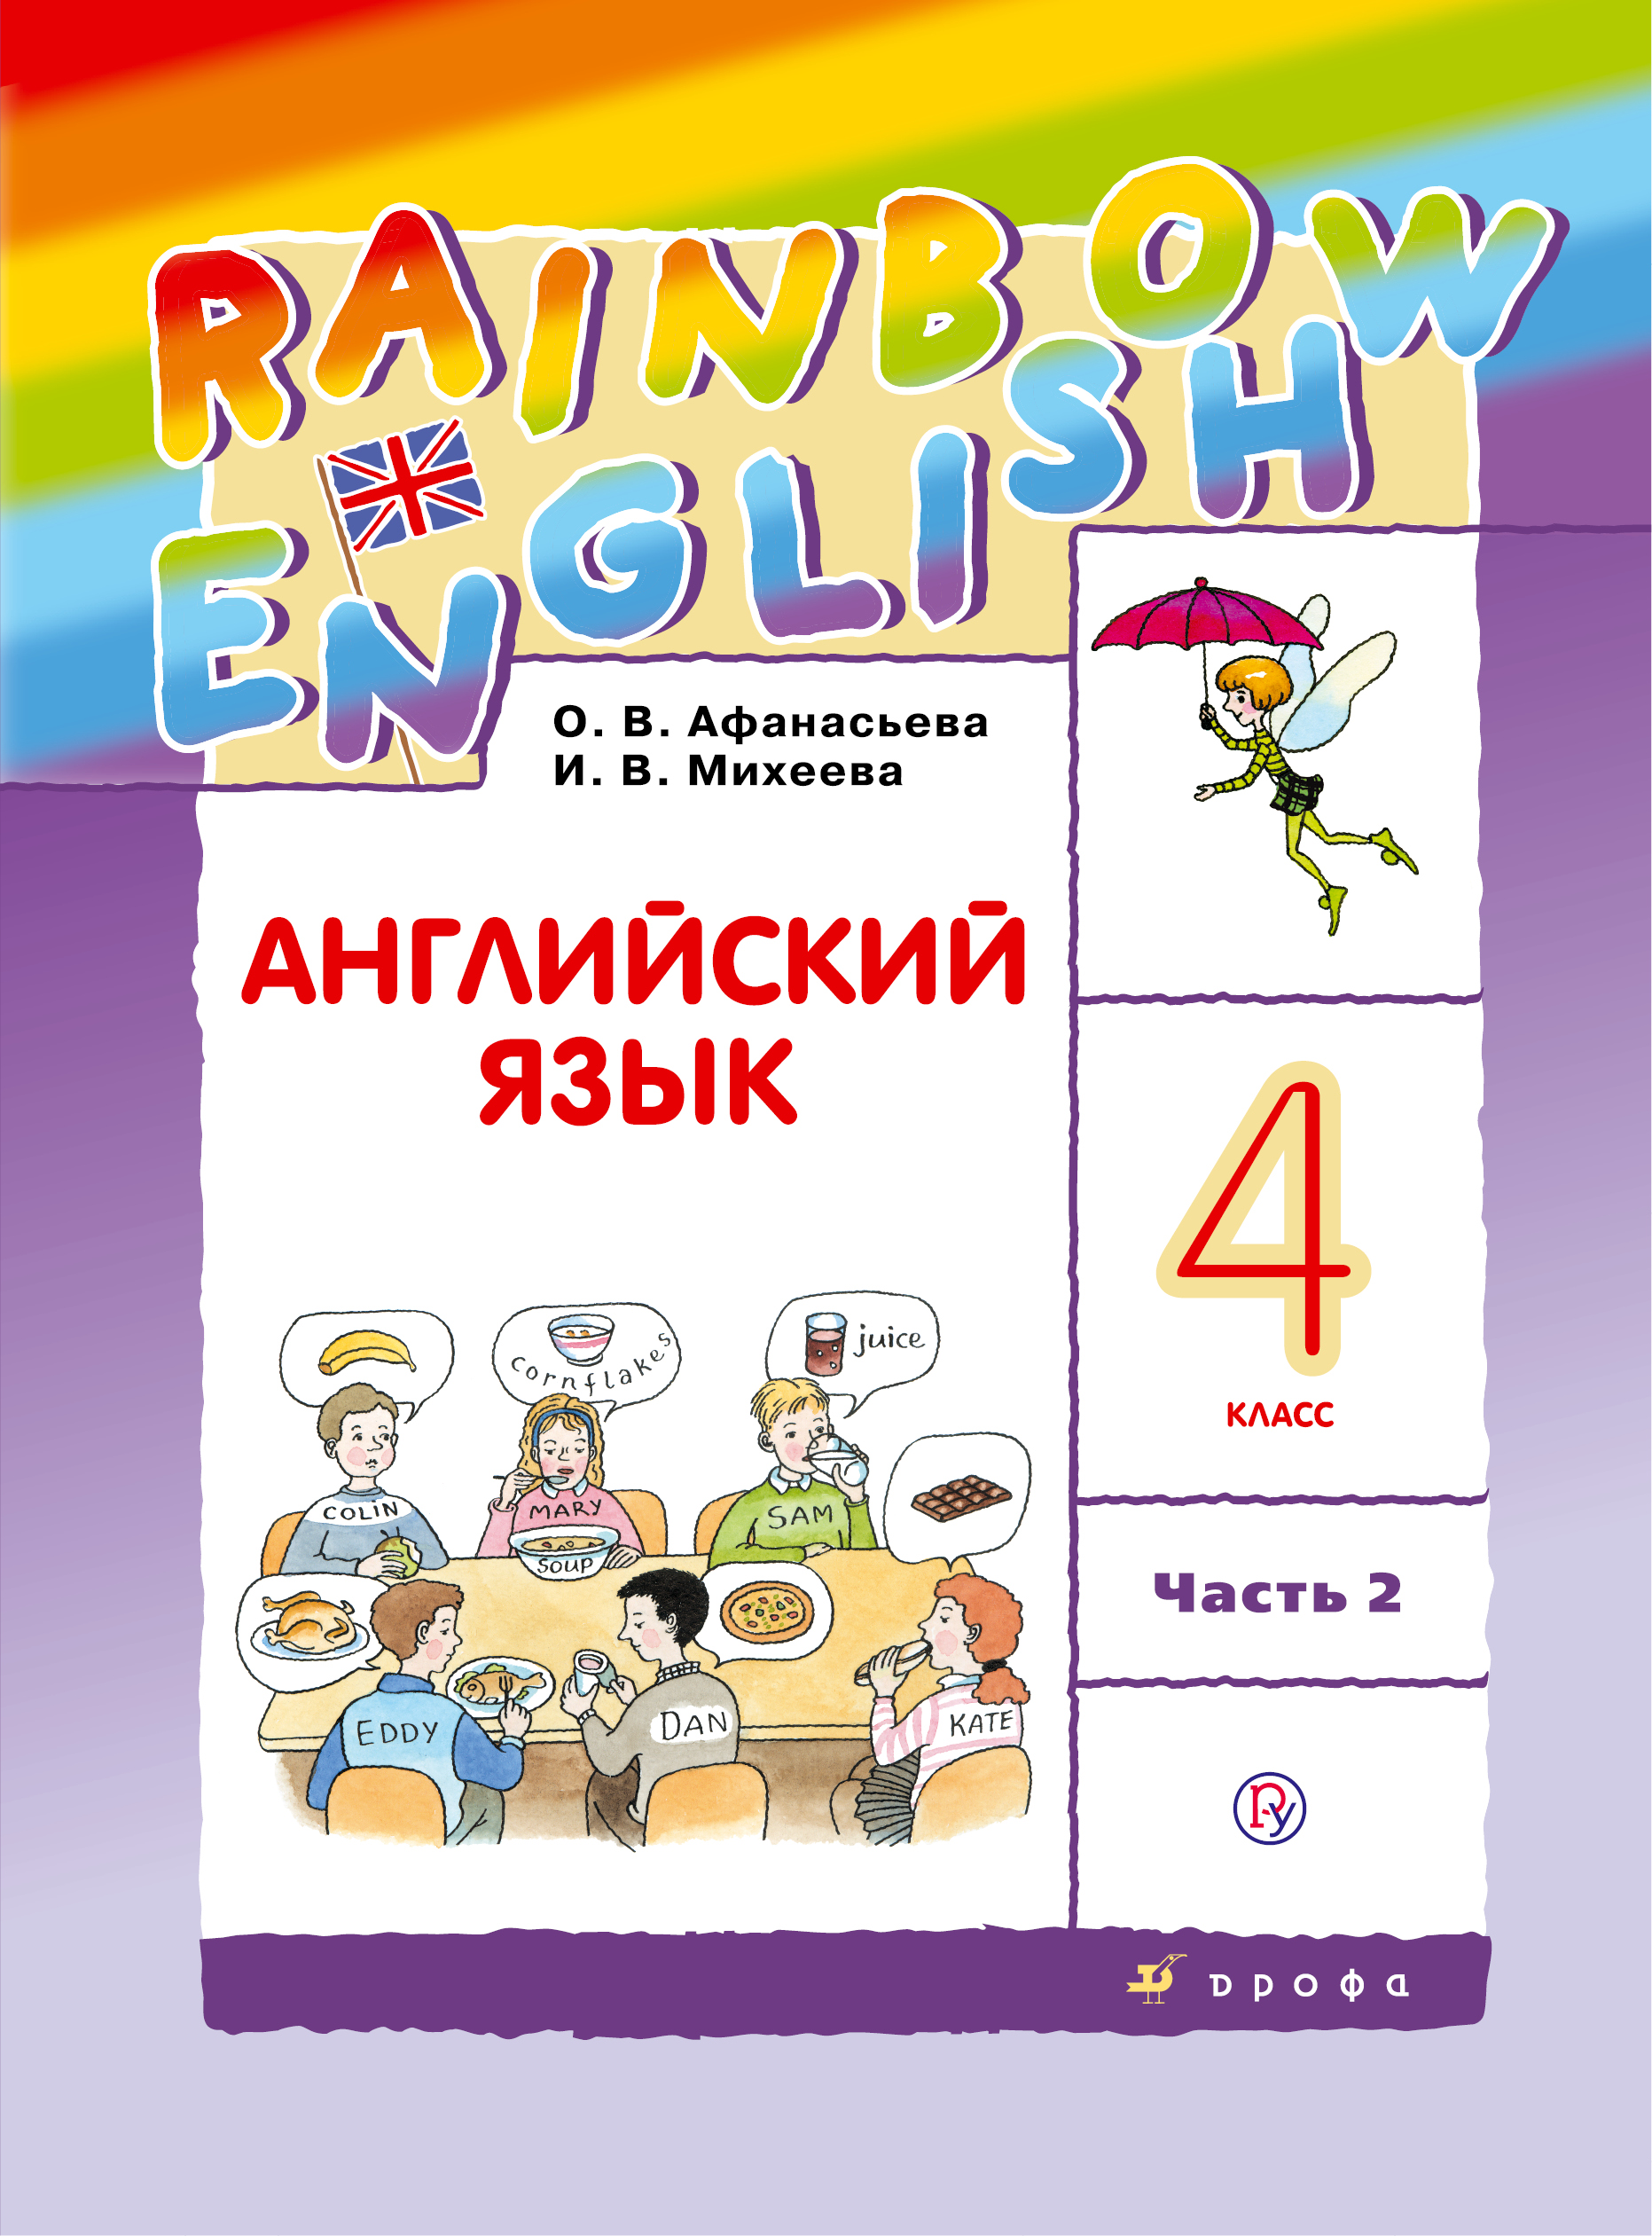 Афанасьева О.В., Михеева И.В. Английский язык. 4 класс. Учебник в 2-х частях. Часть 2